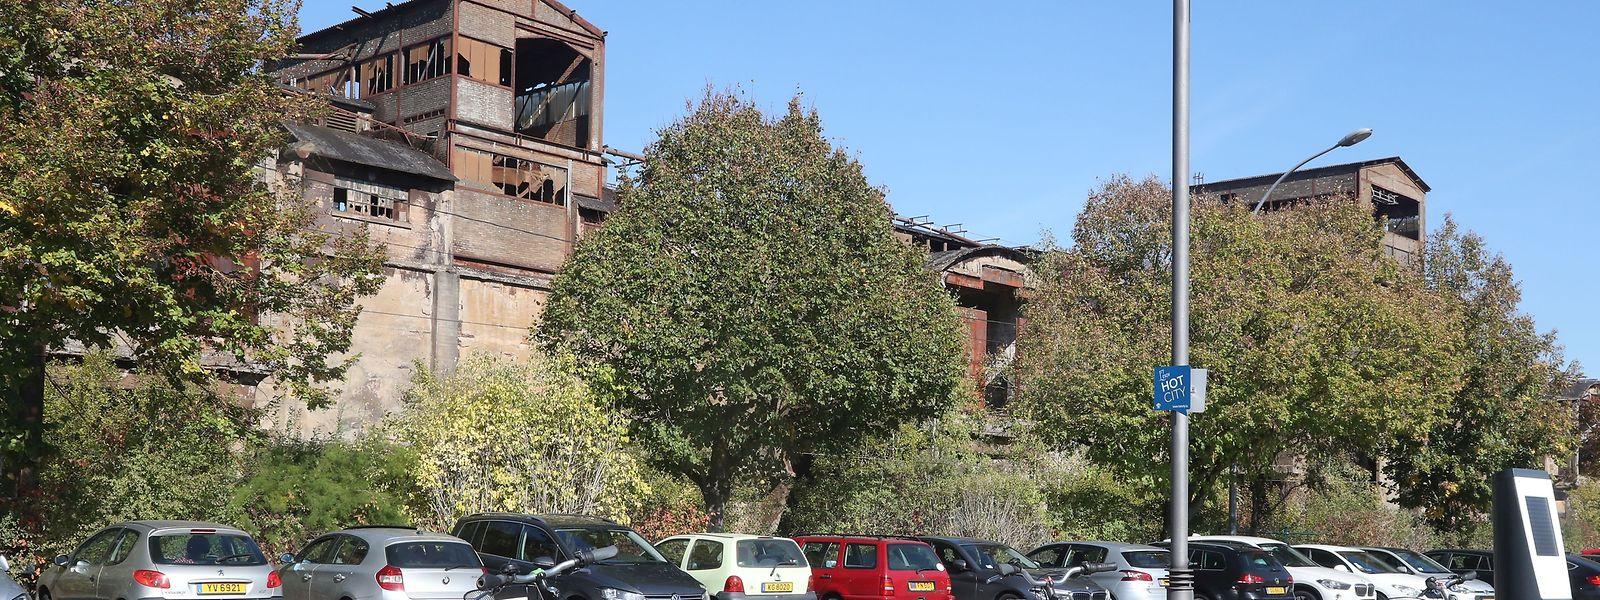 Les bâtiments industriels qui hérissent la frontière française à Esch disparaîtront au profit d'un tout nouveau quartier.